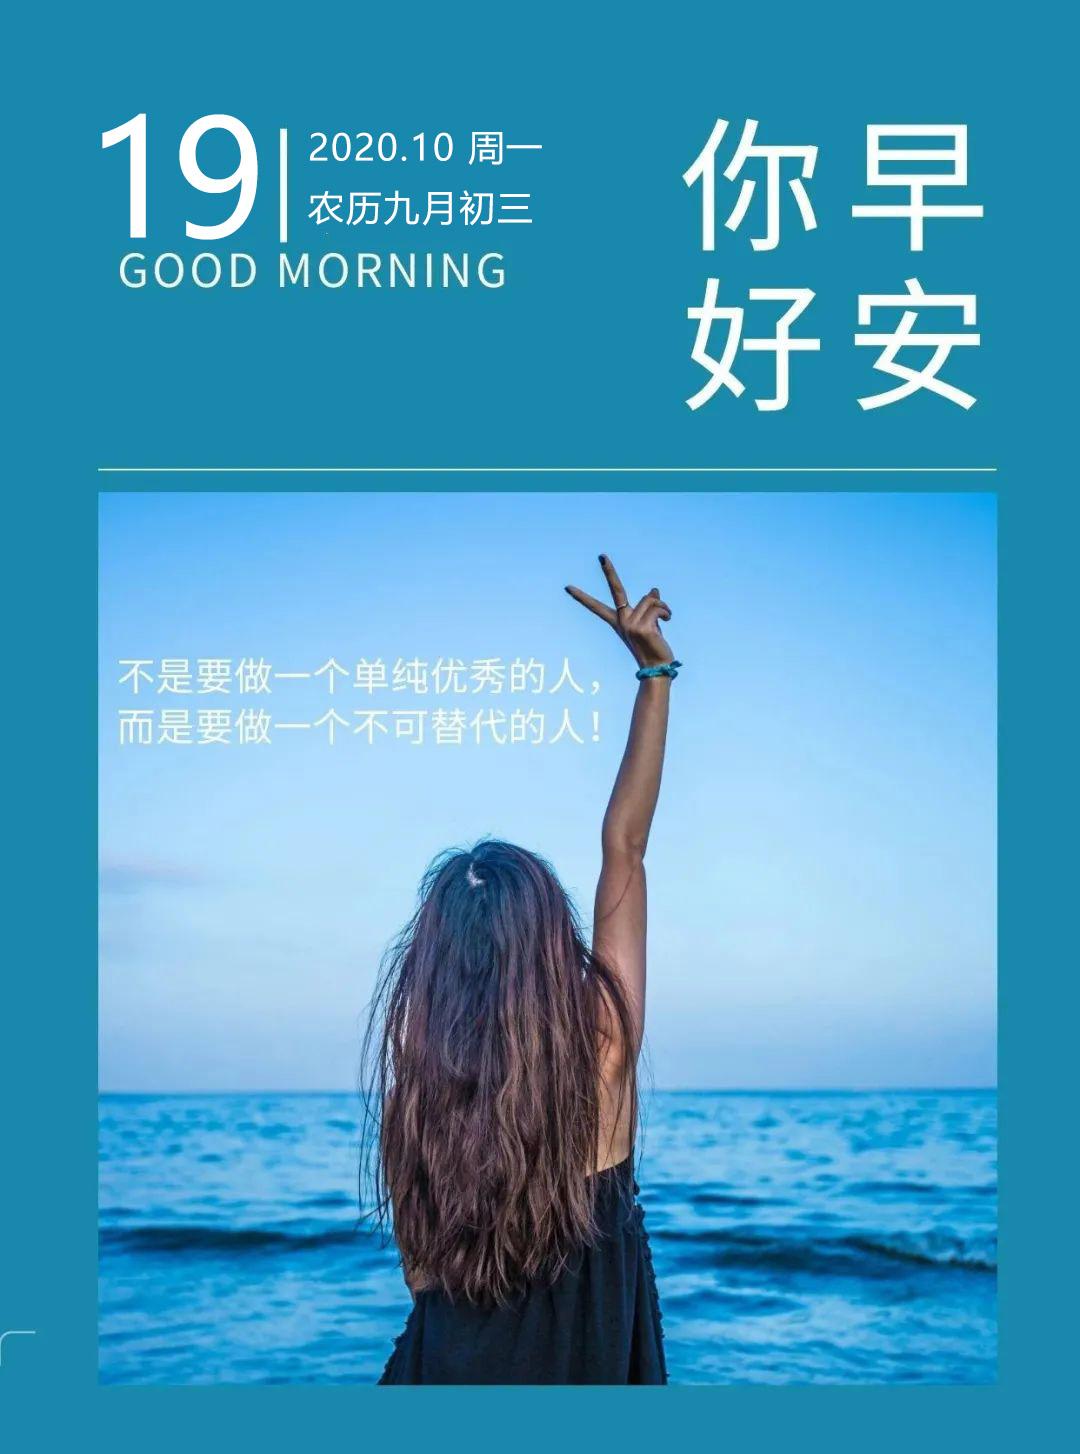 新周早上好祝福语录,周一早安图片日签文字